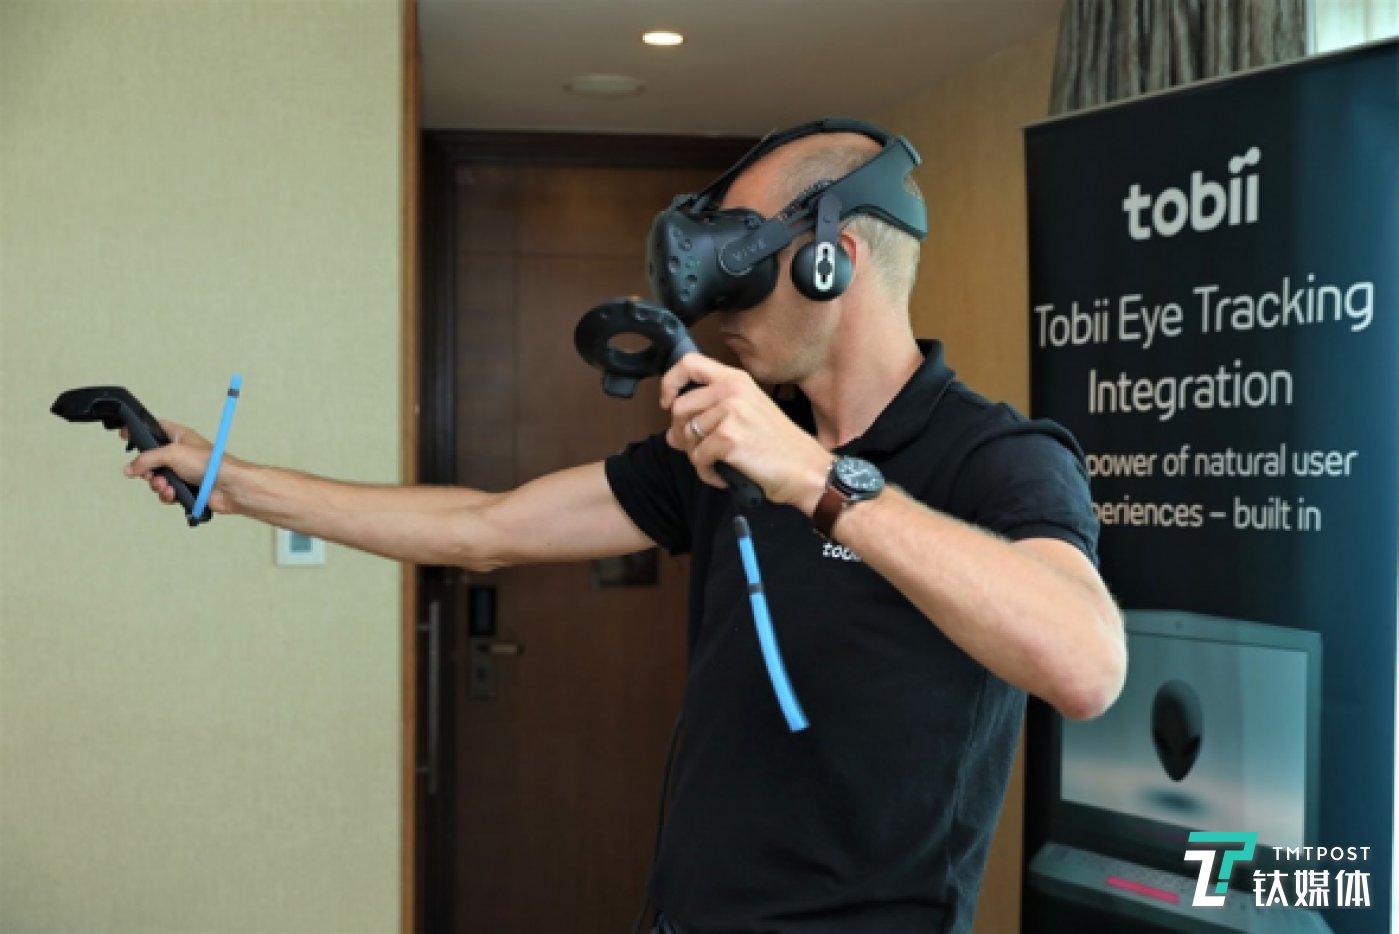 Tobii眼球追踪技术VR平台演示